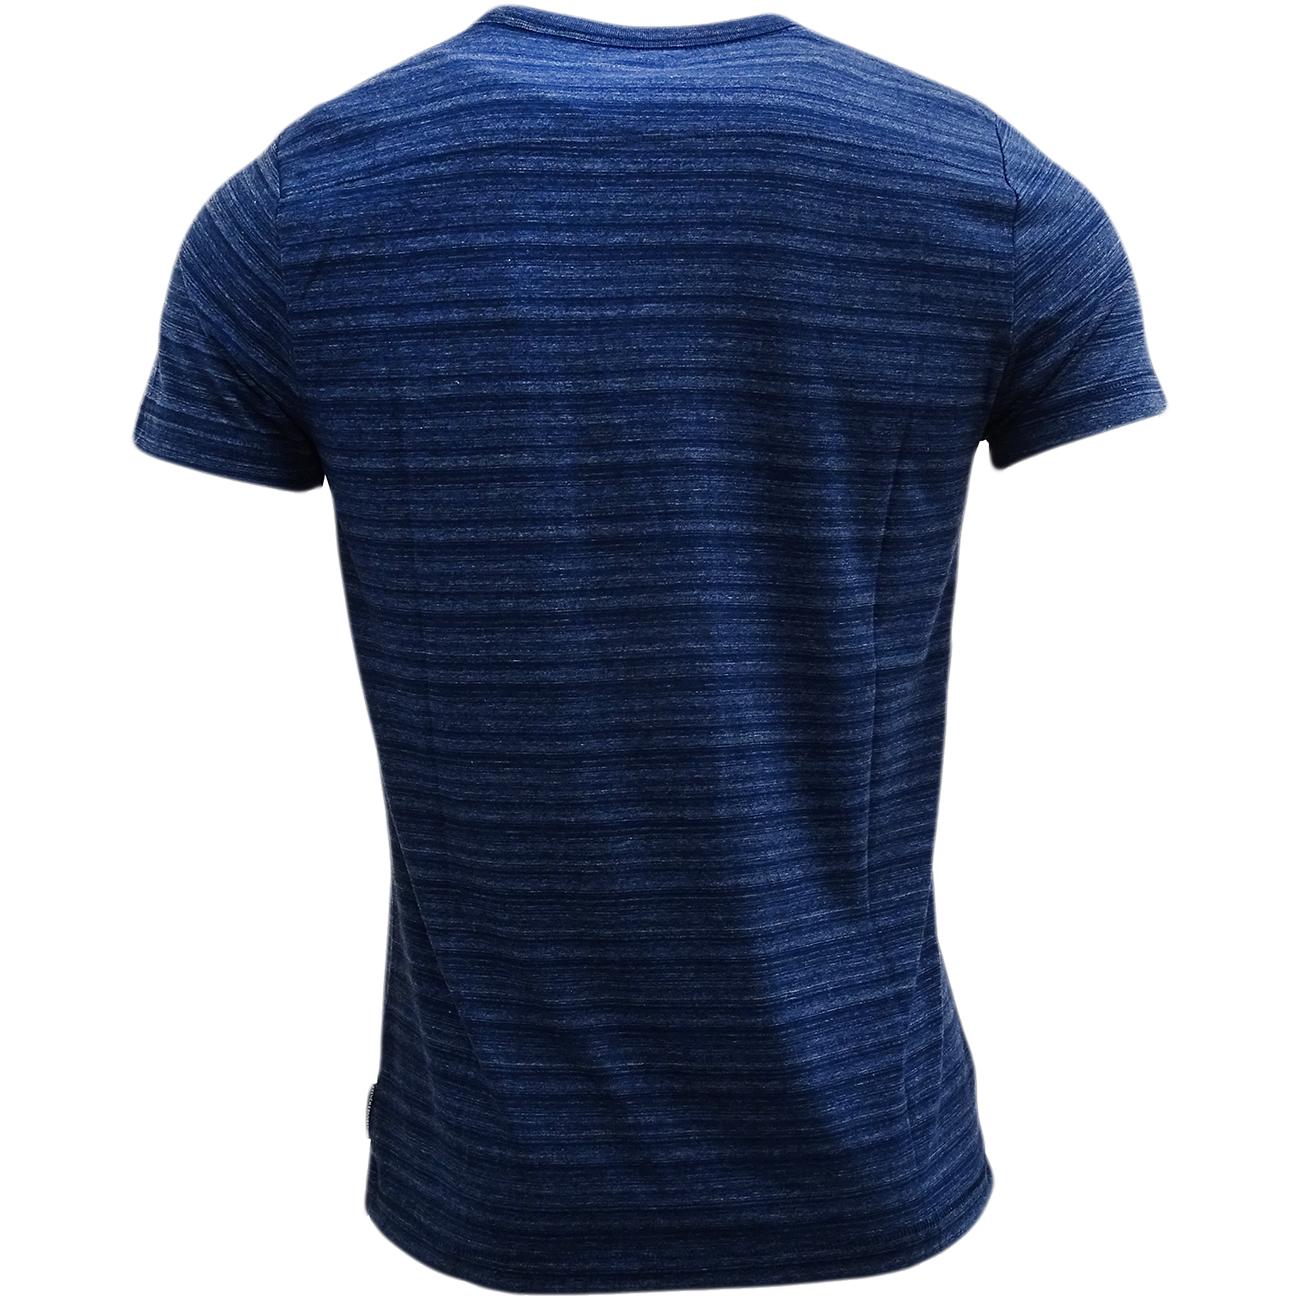 Fcuk shirt